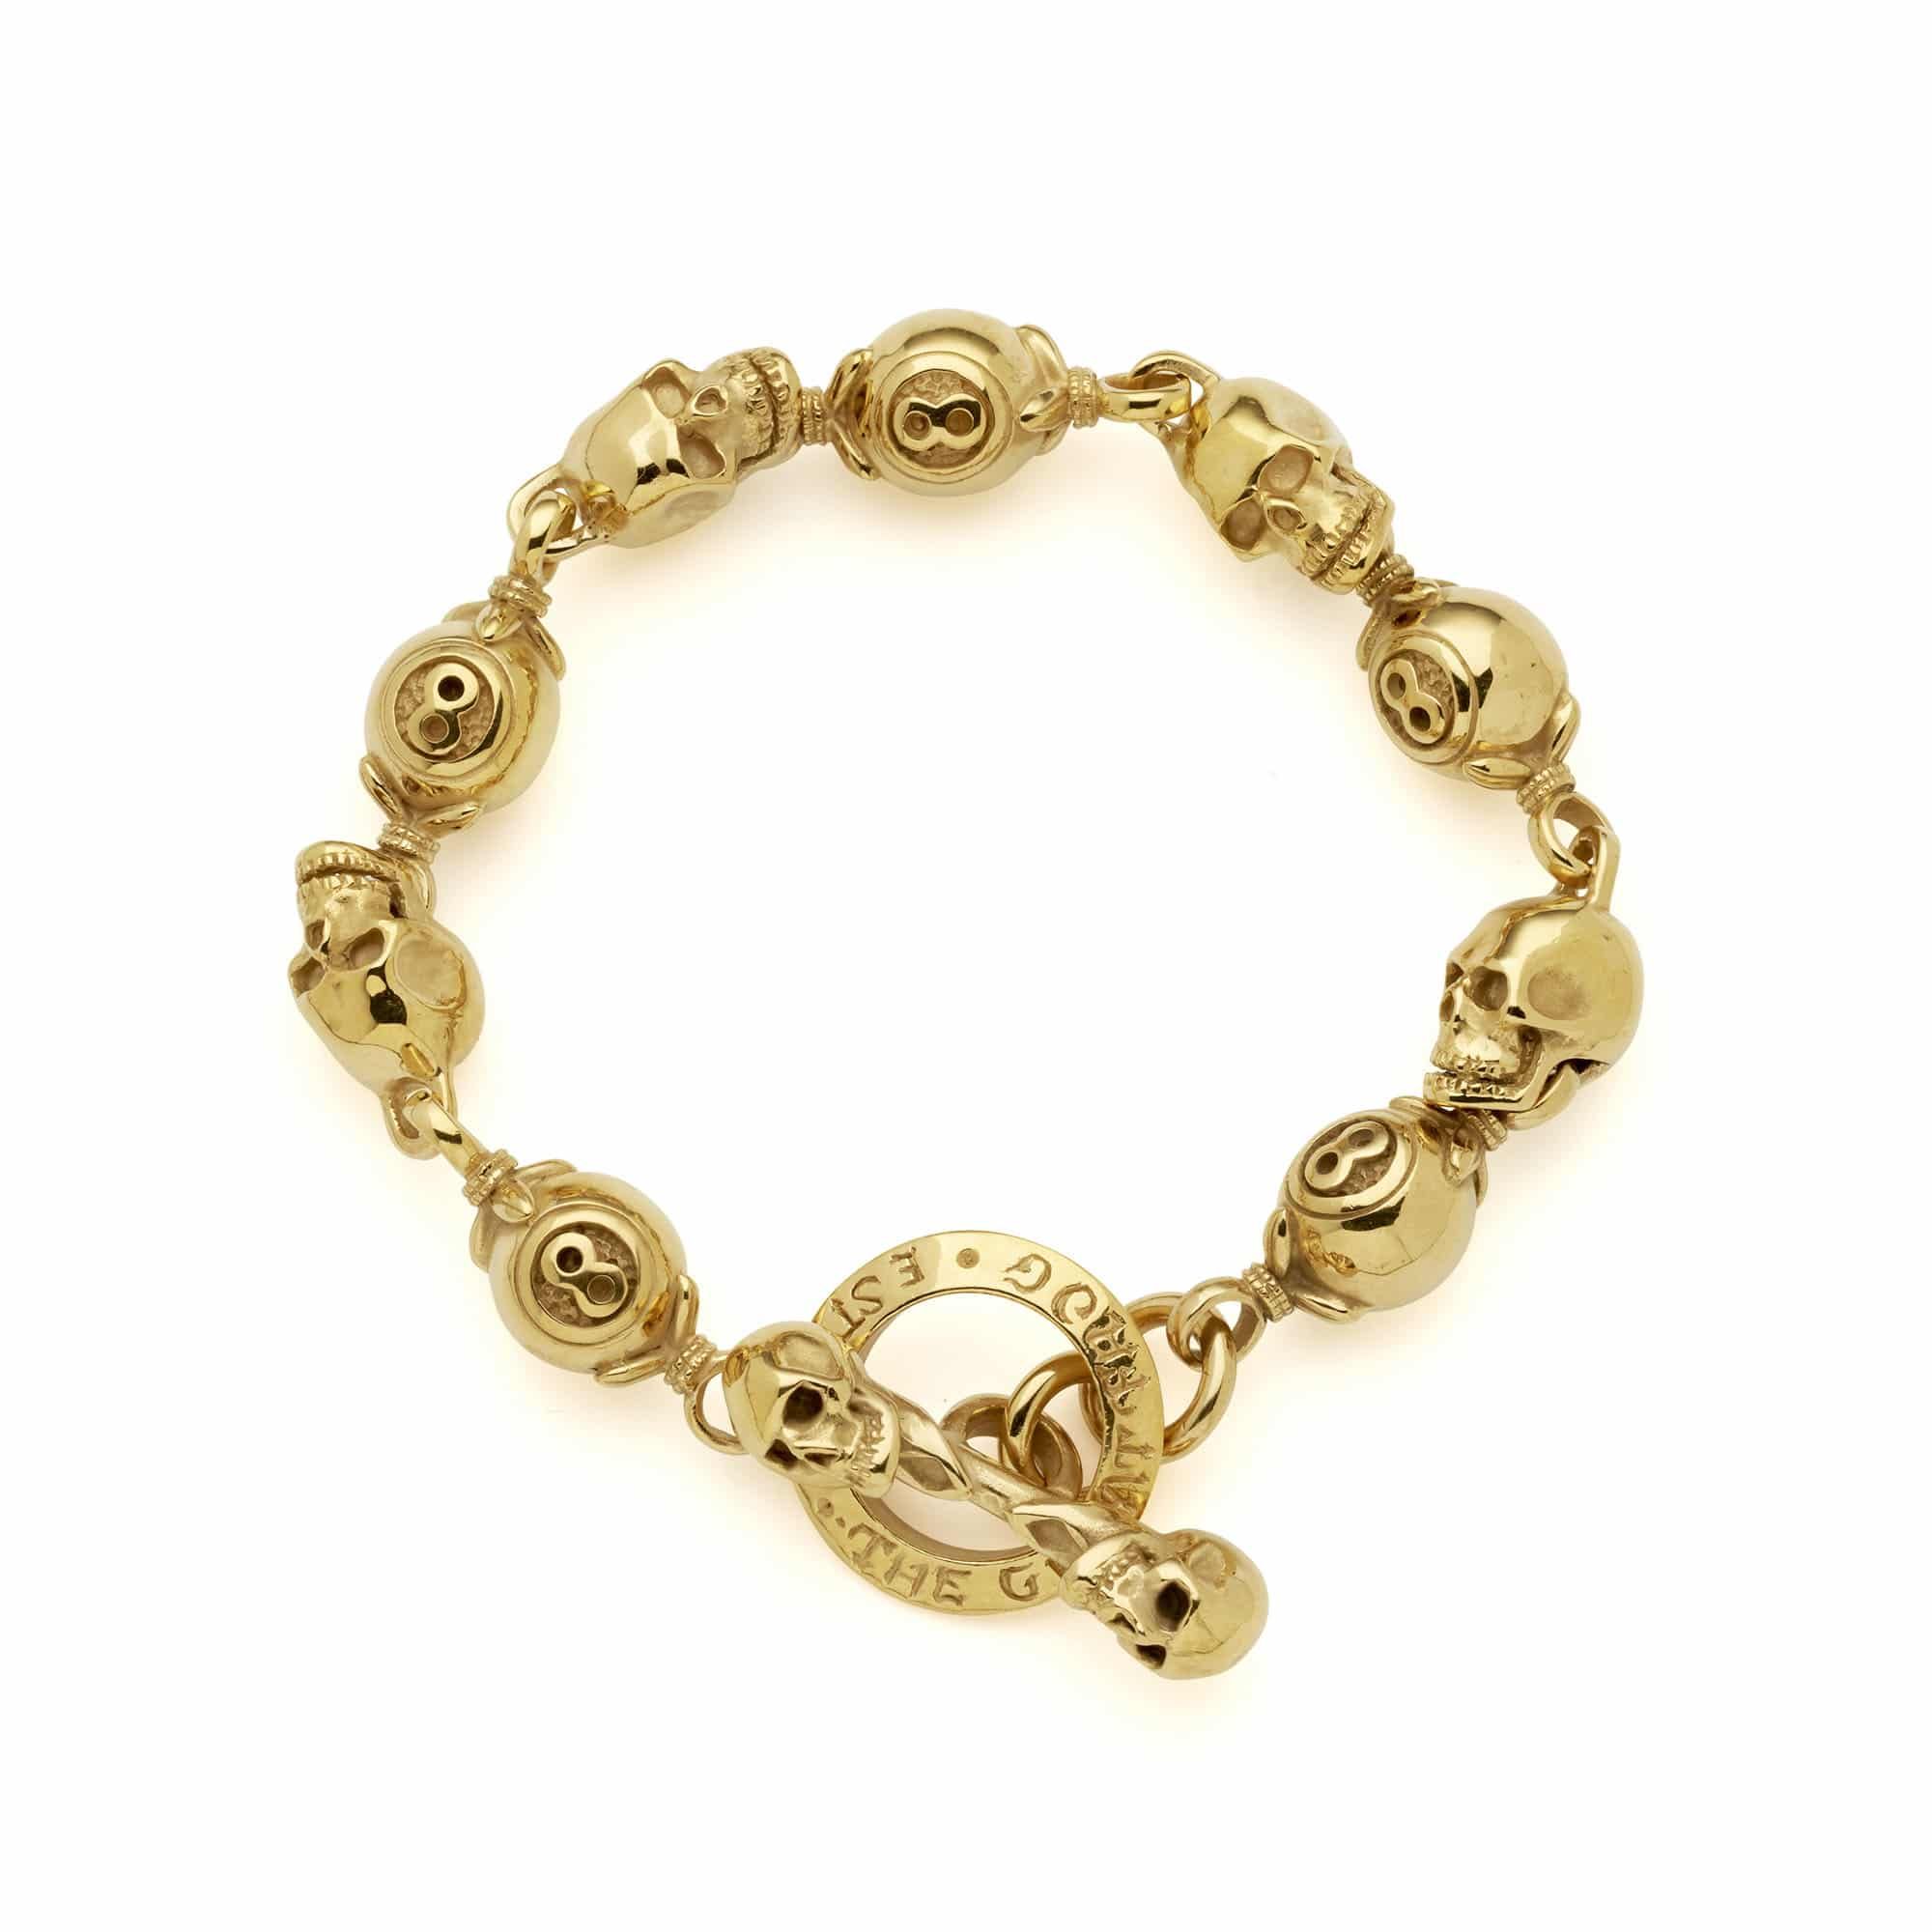 9ct Gold Skull & 8 Ball Bracelet – The Great Frog